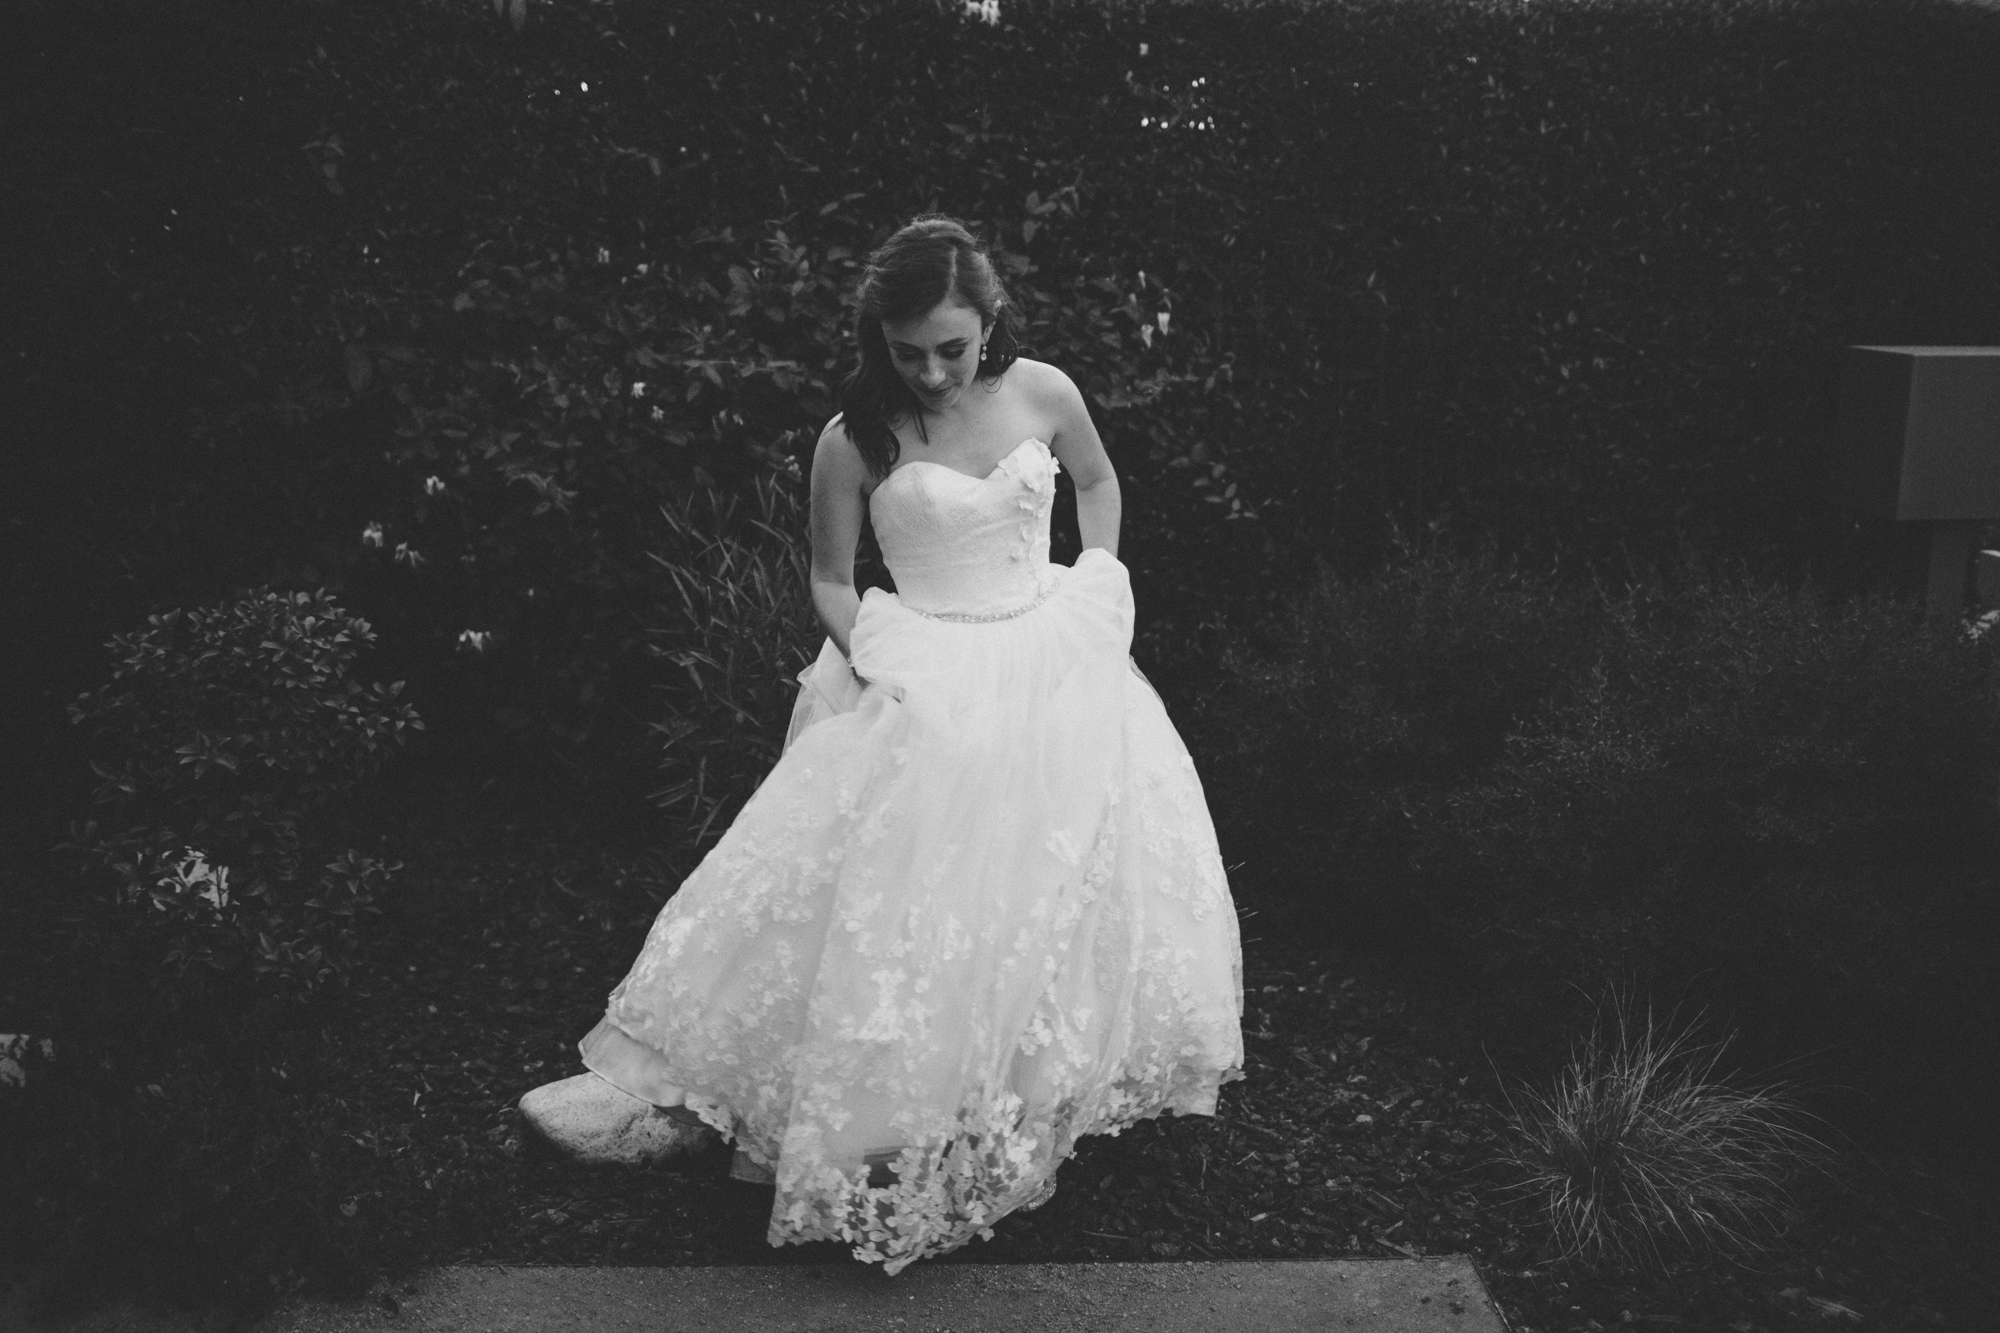 bride-ruby street-wedding venue-los angeles-california-eclectic-cool-outdoor